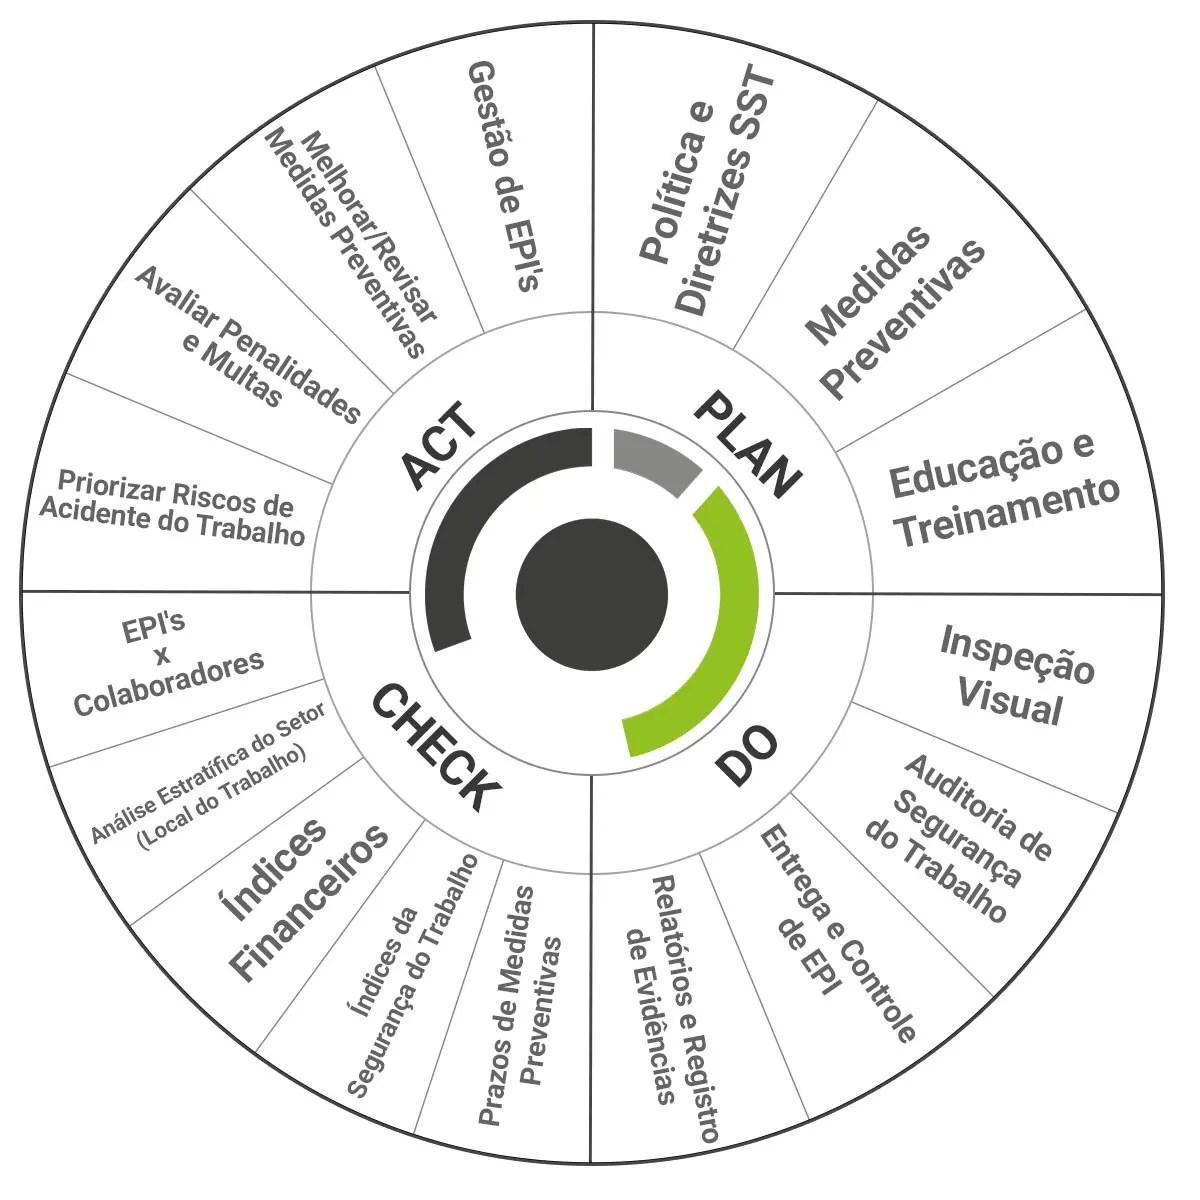 ciclo pdca, segurança do trabalho